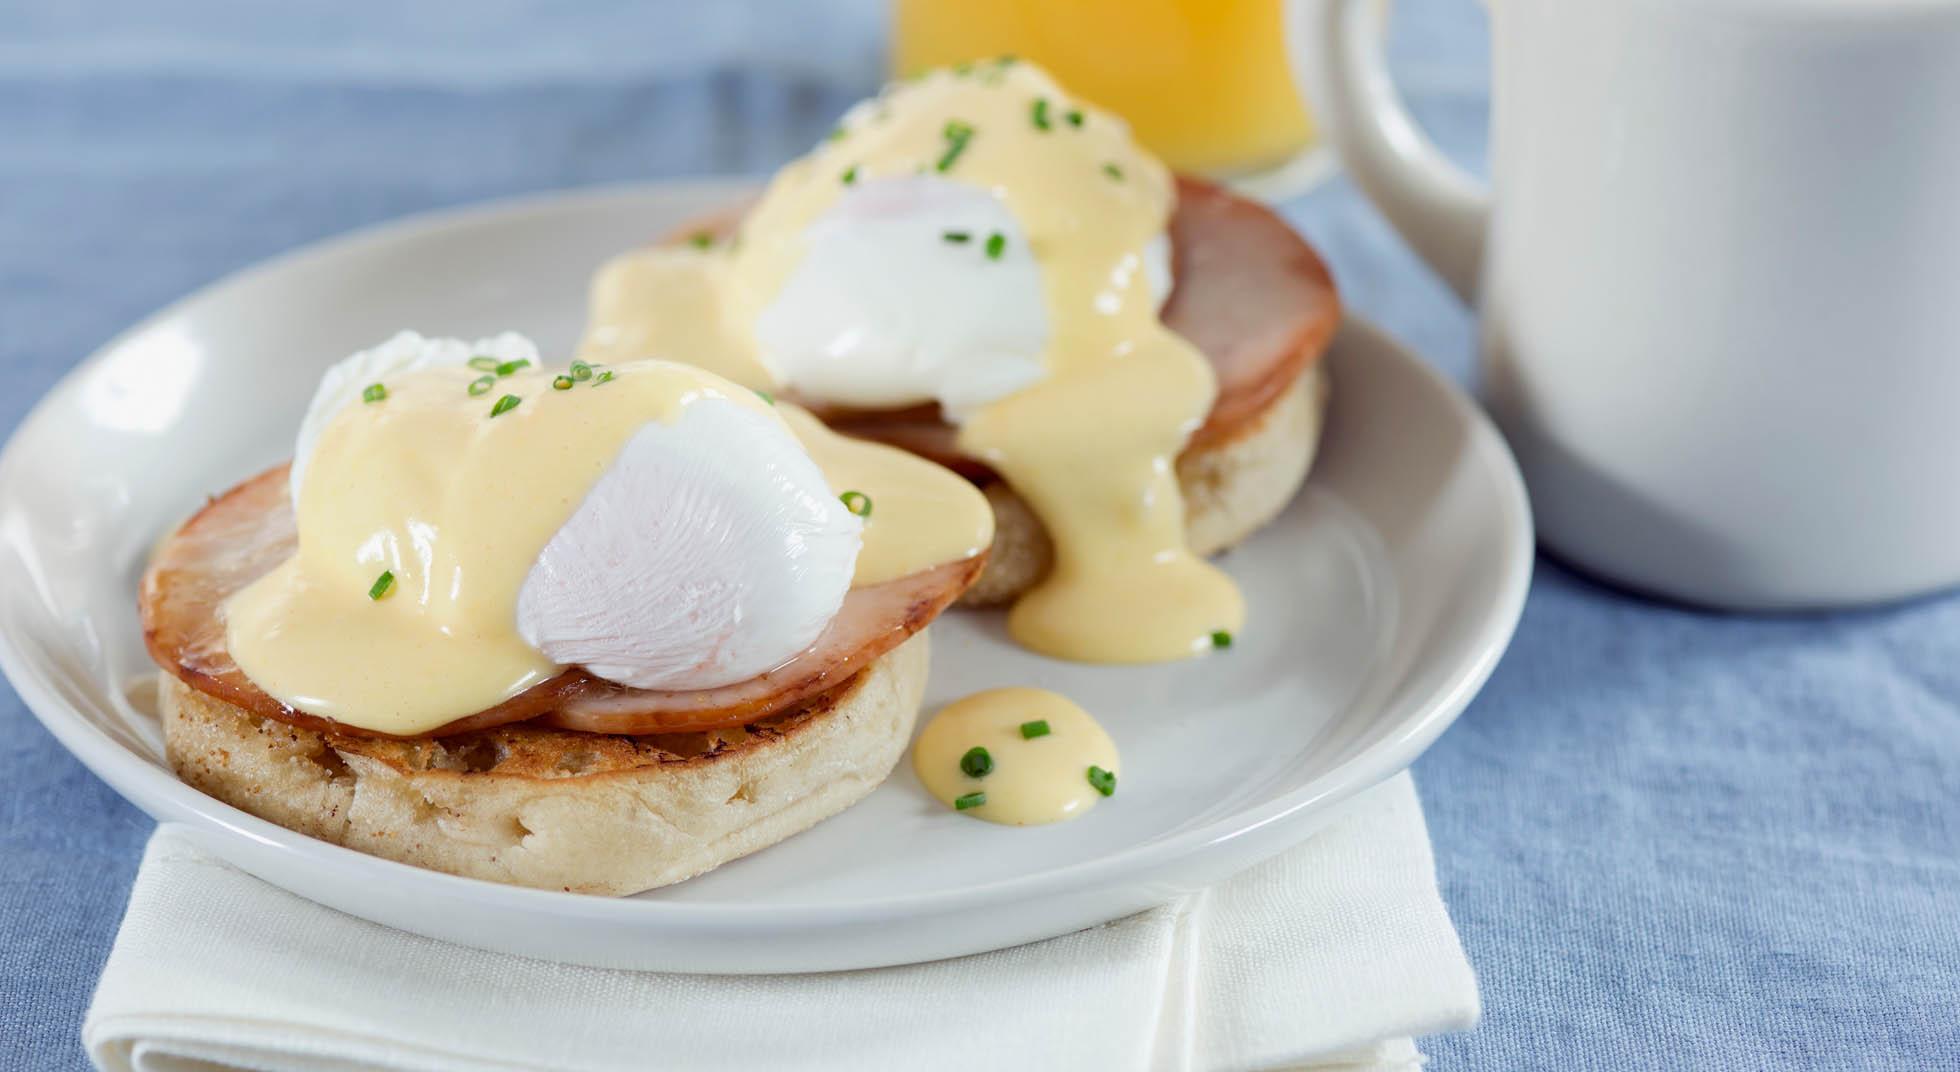 Come preparare uova in camicia perfette aia food for Cucinare uova sode